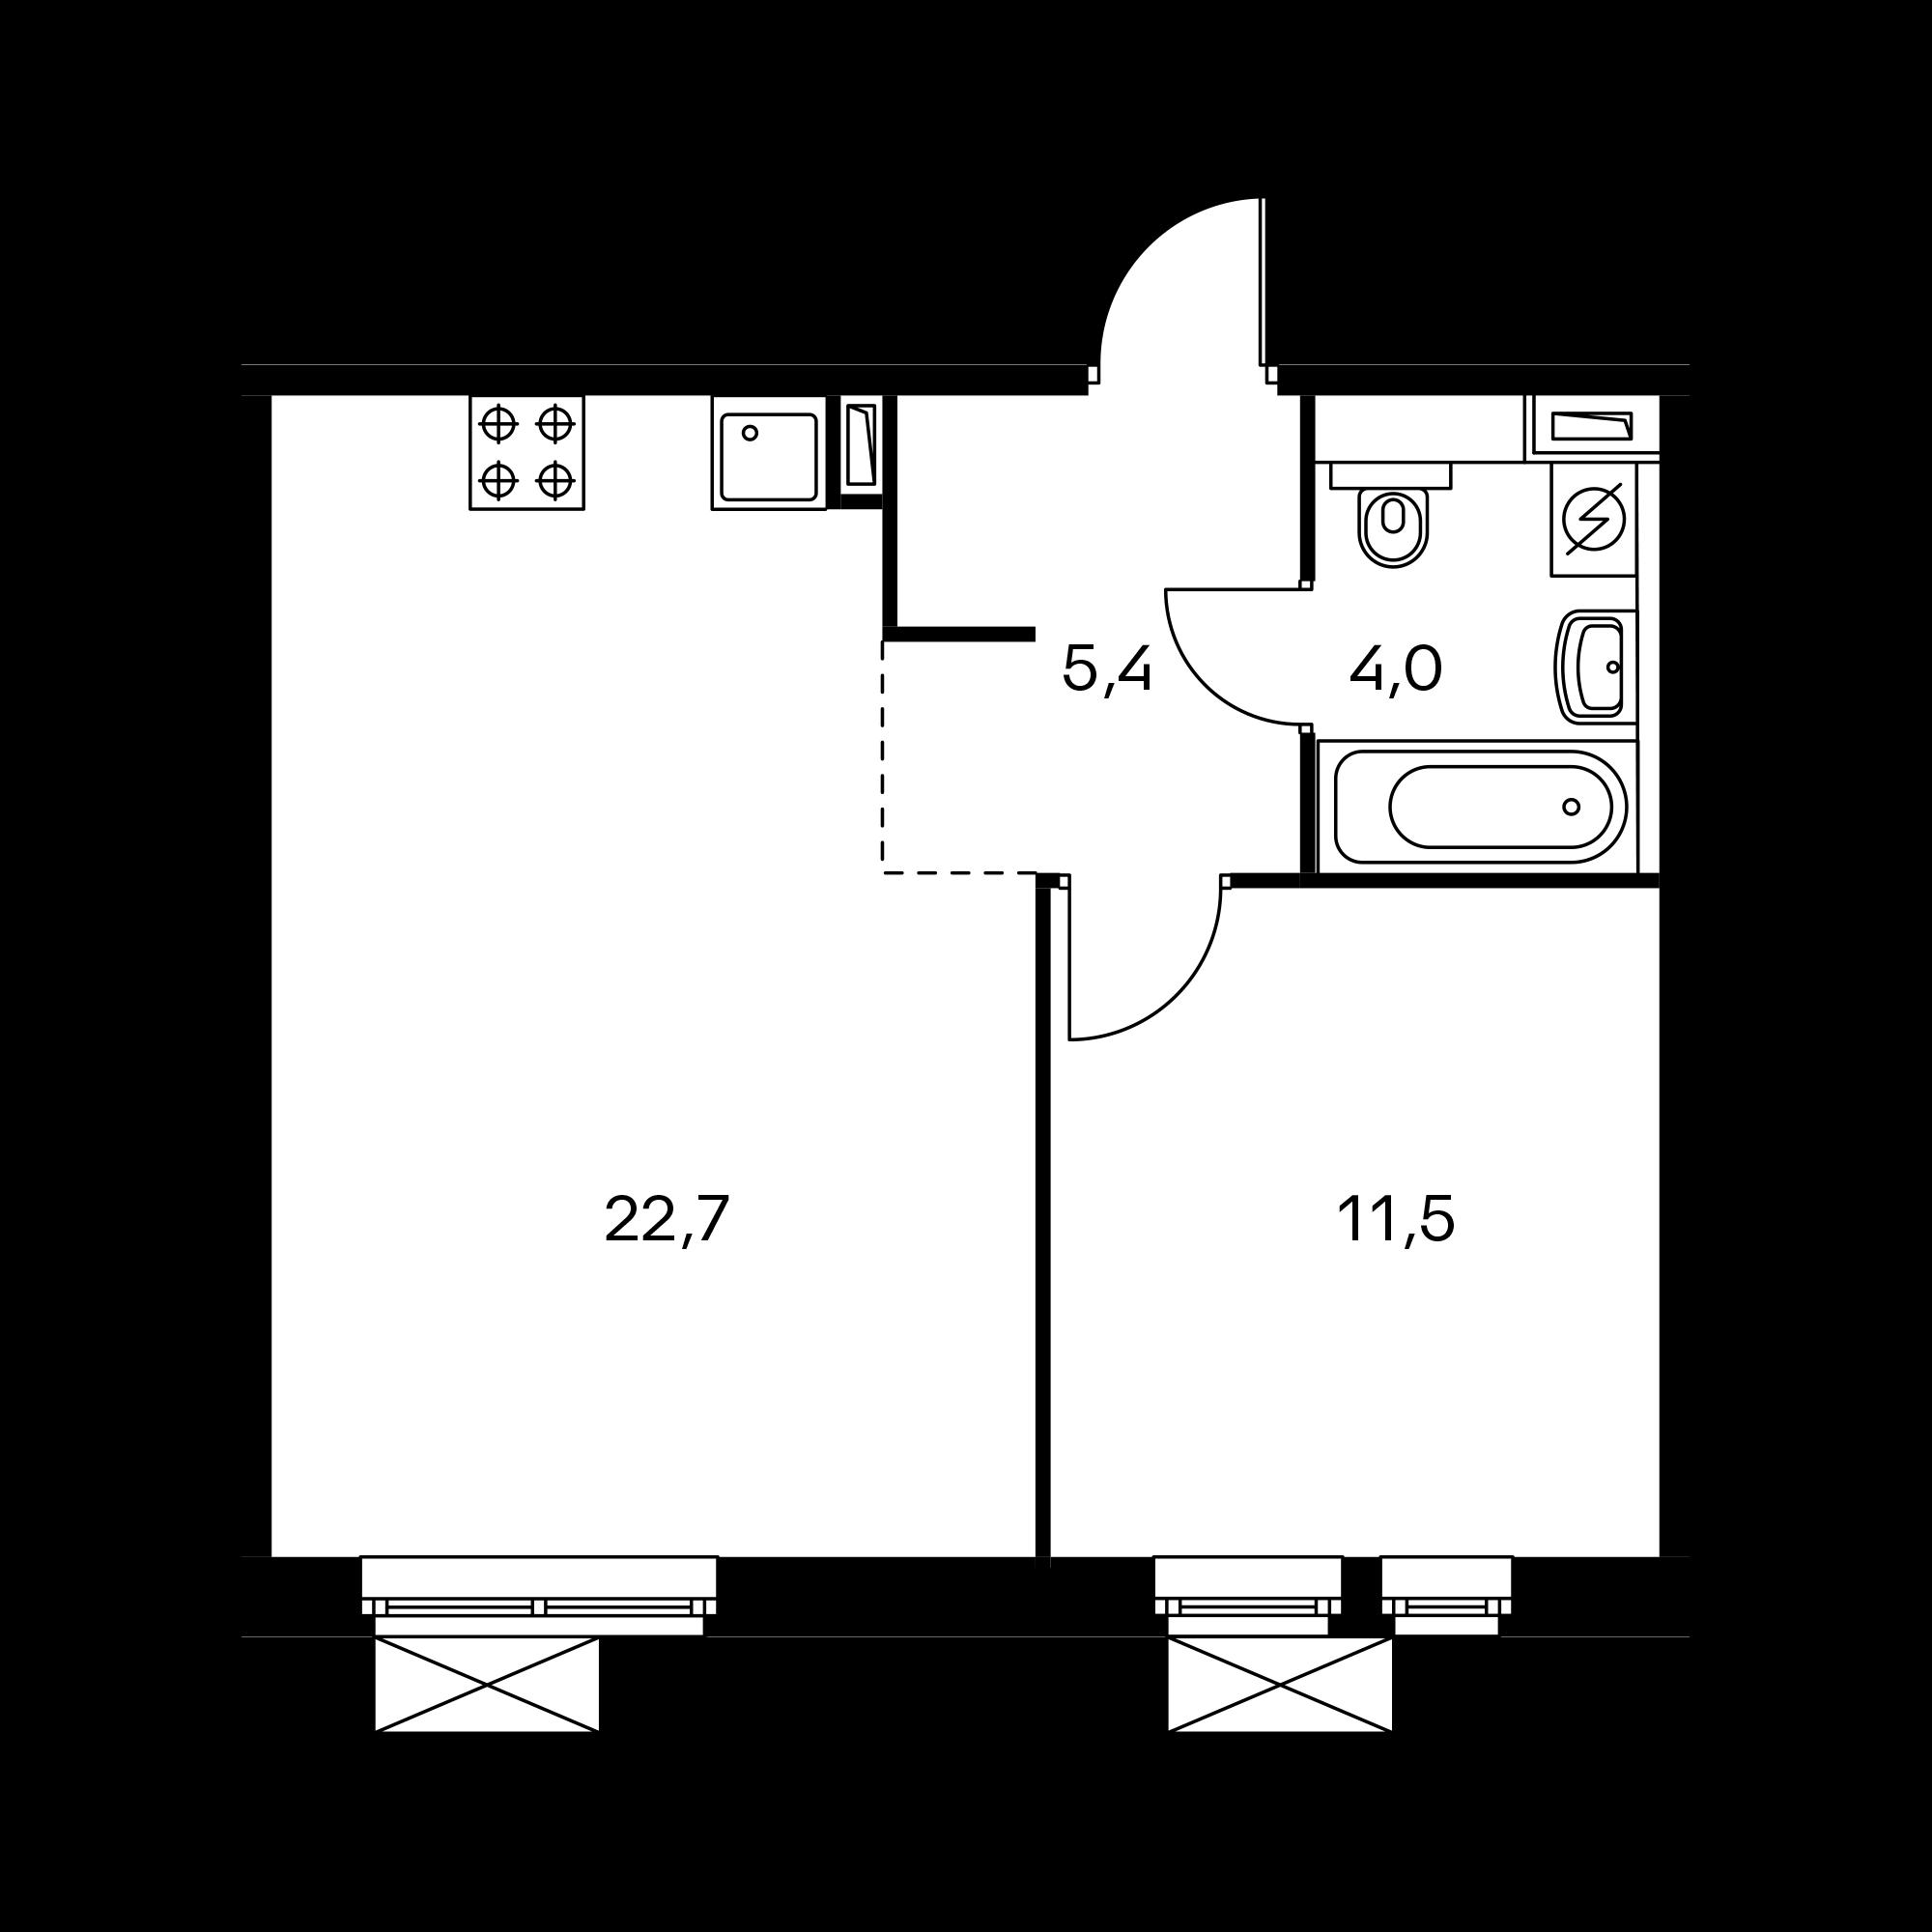 1EL5_7.5-1_S_Z